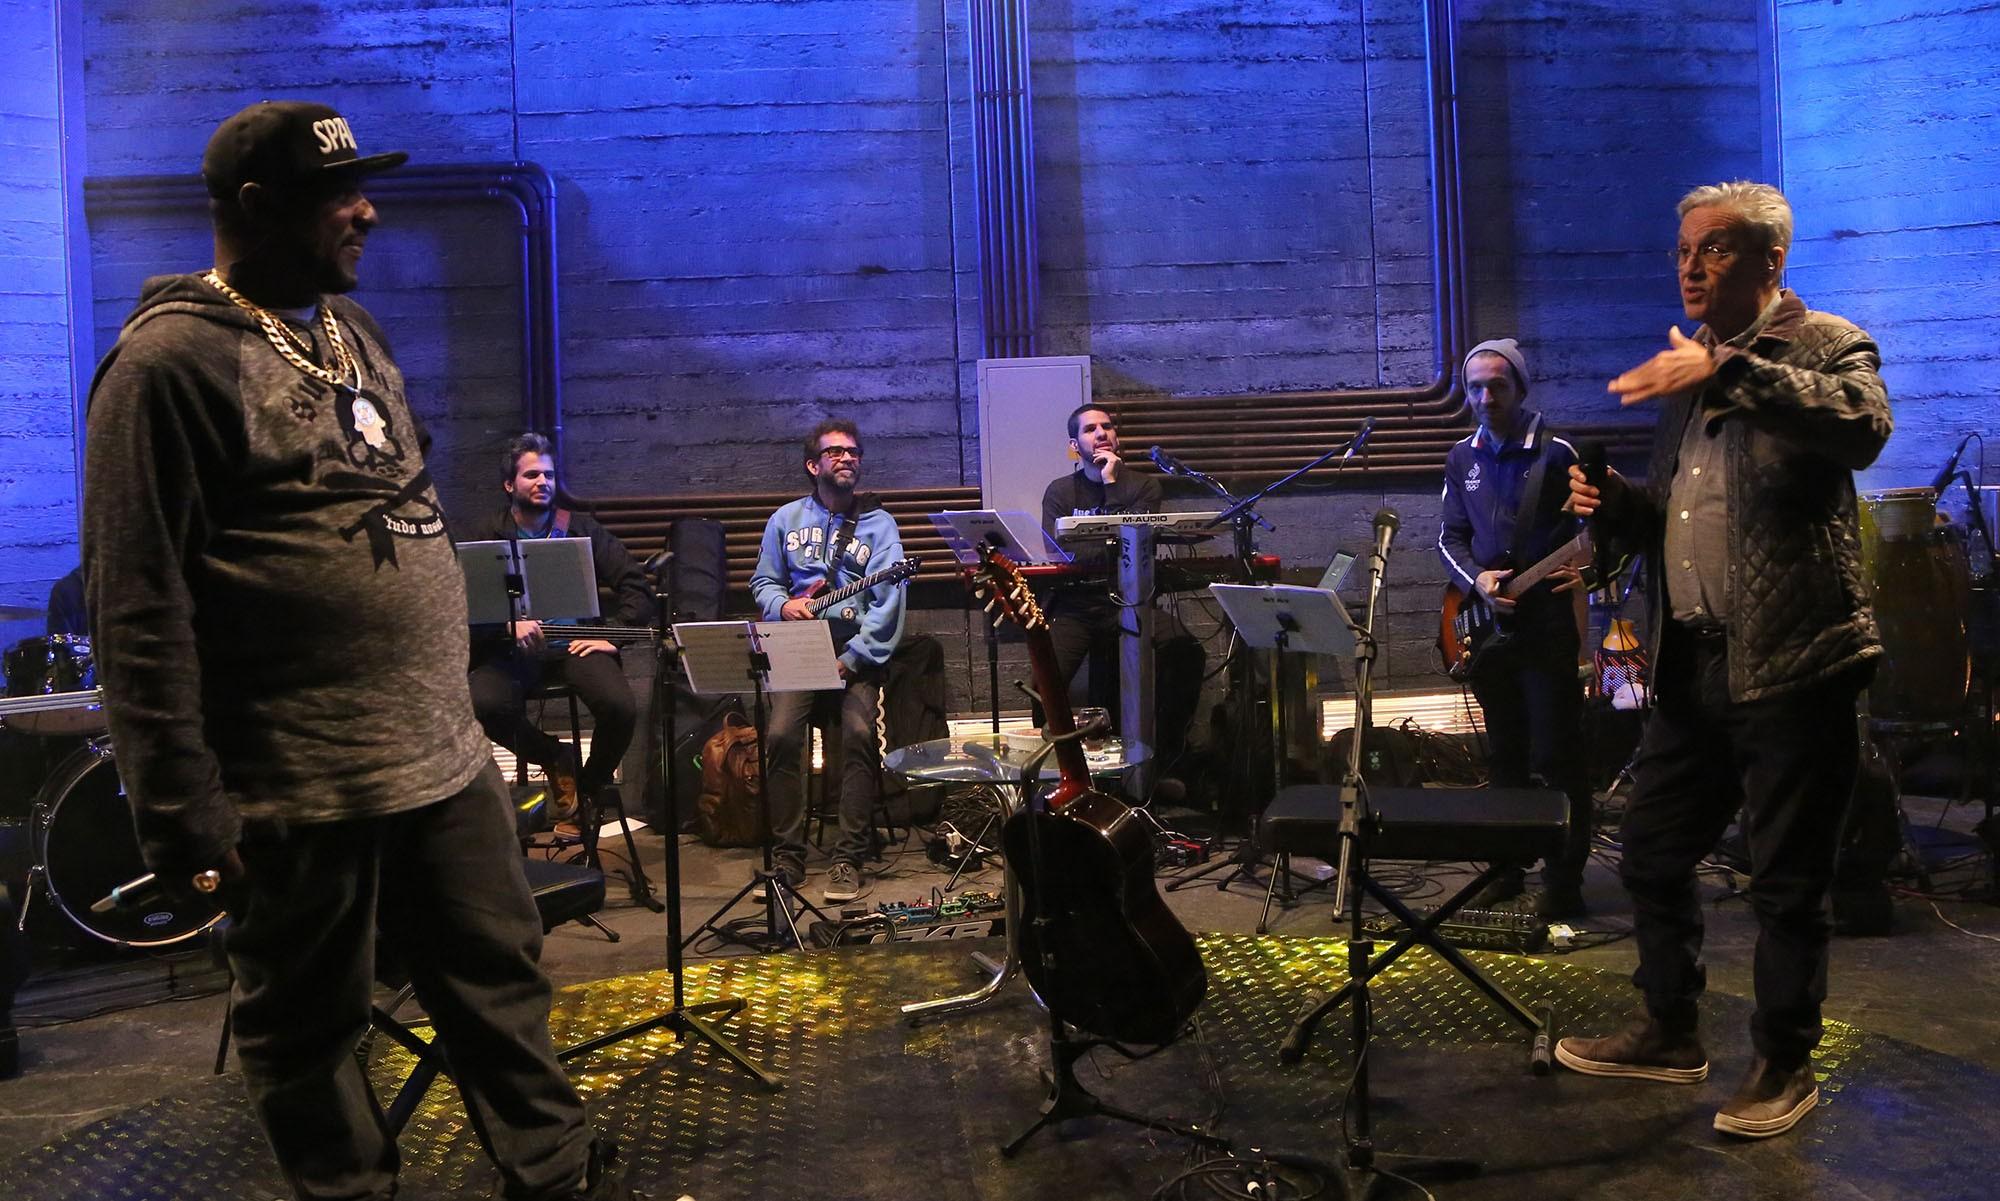 Caetano Veloso e Catra, juntos no palco pela primeira vez (Foto: Multishow)